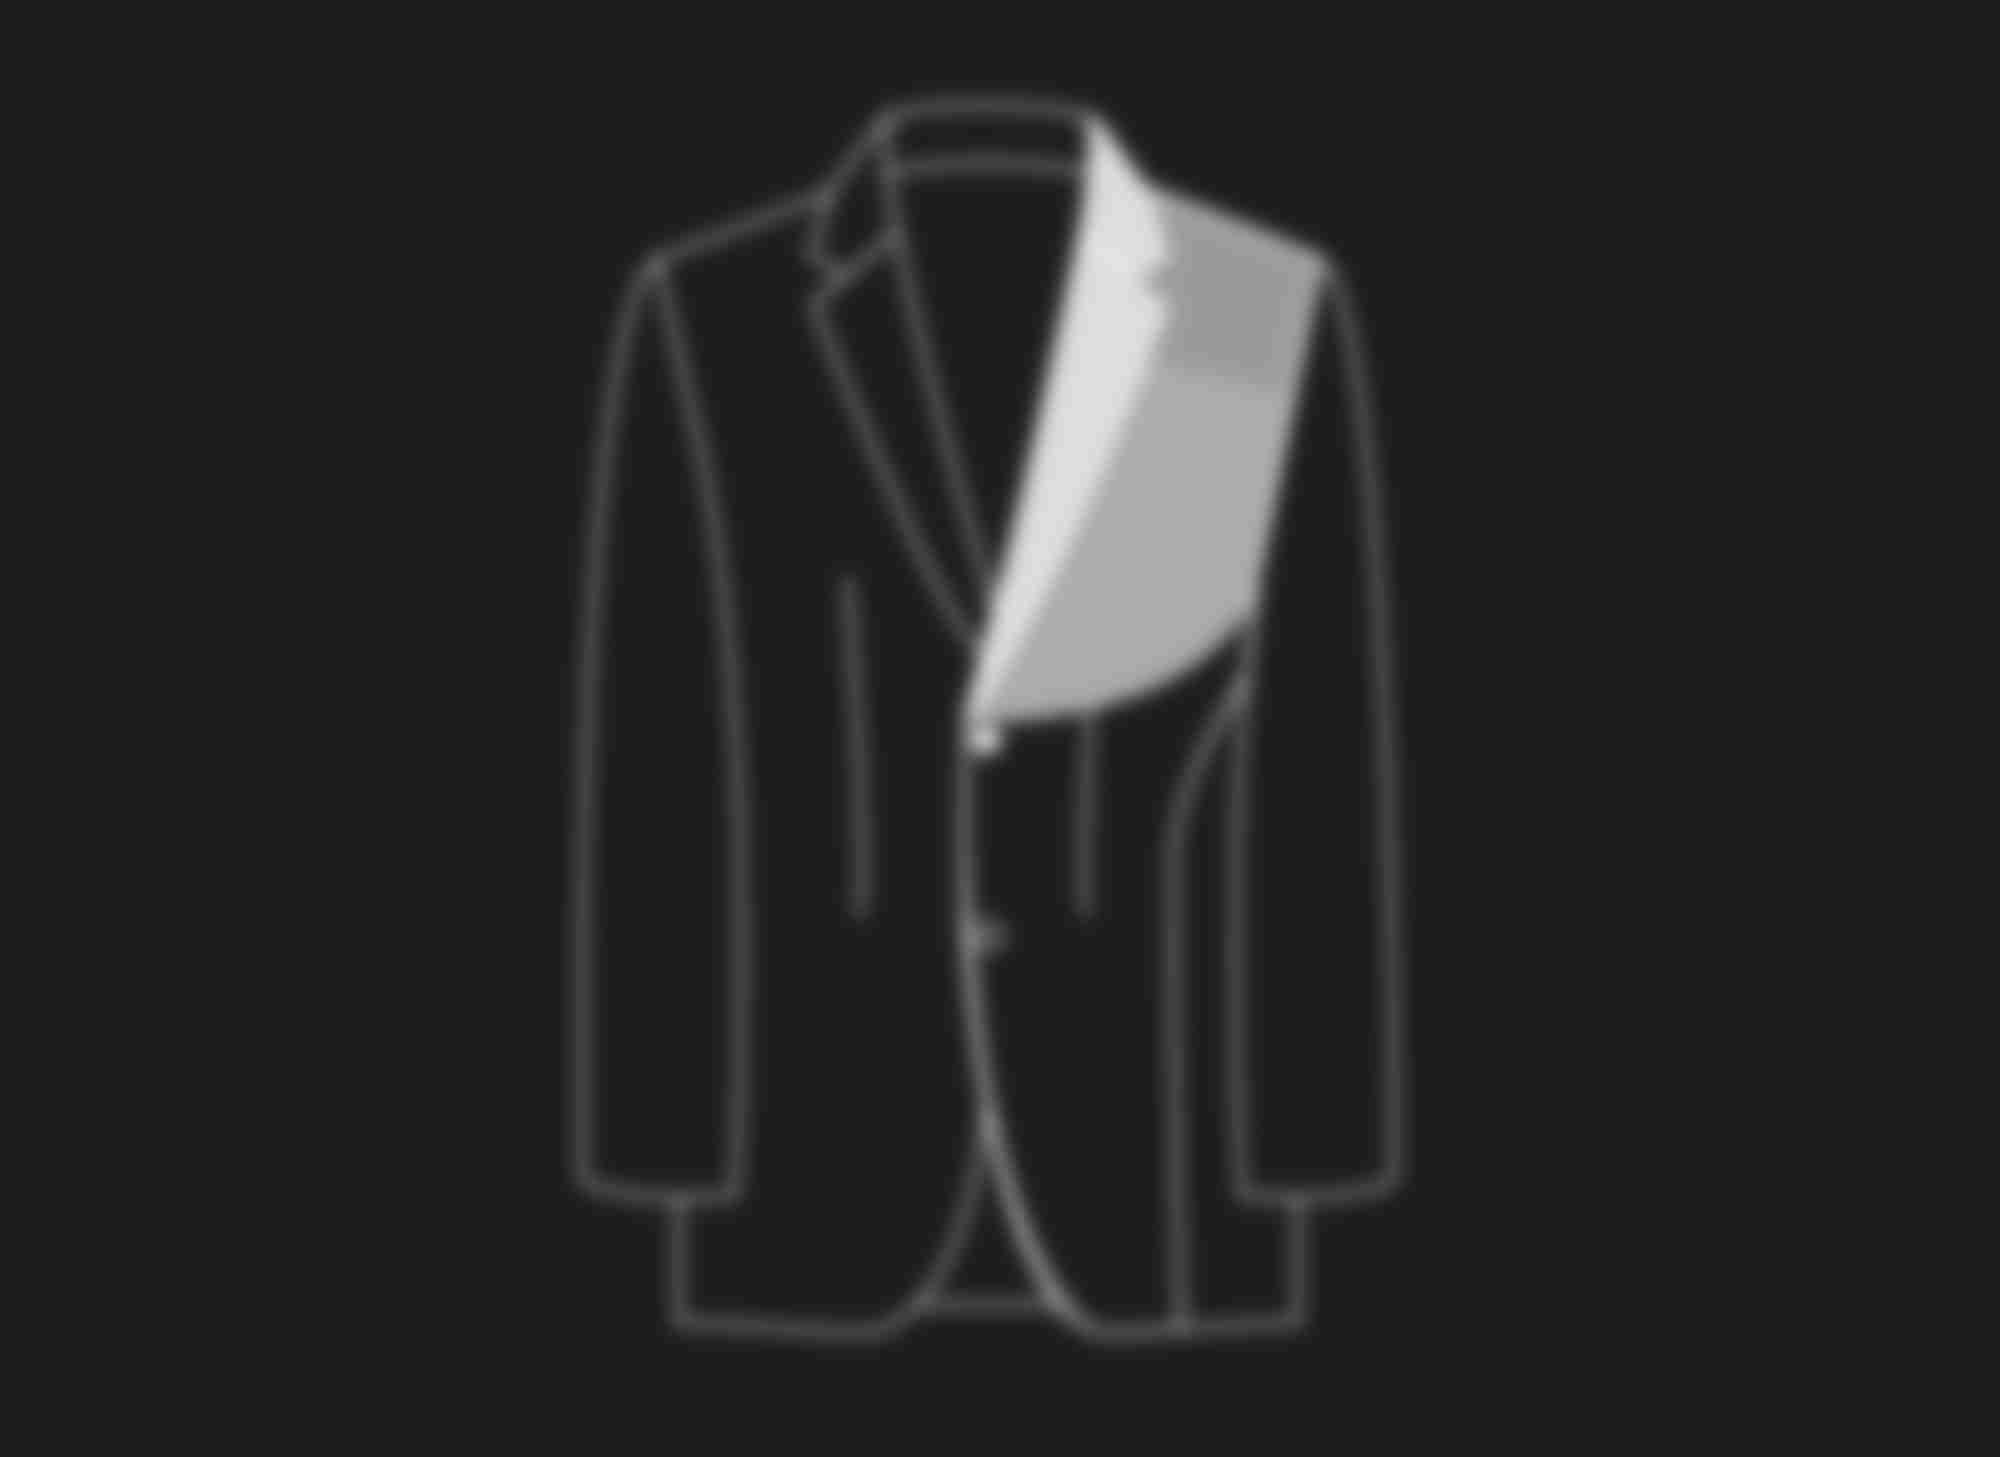 Schéma au trait illustrant la construction traditionnel semi-entoilé des costumes et vestes sur-mesure Atelier Mesure